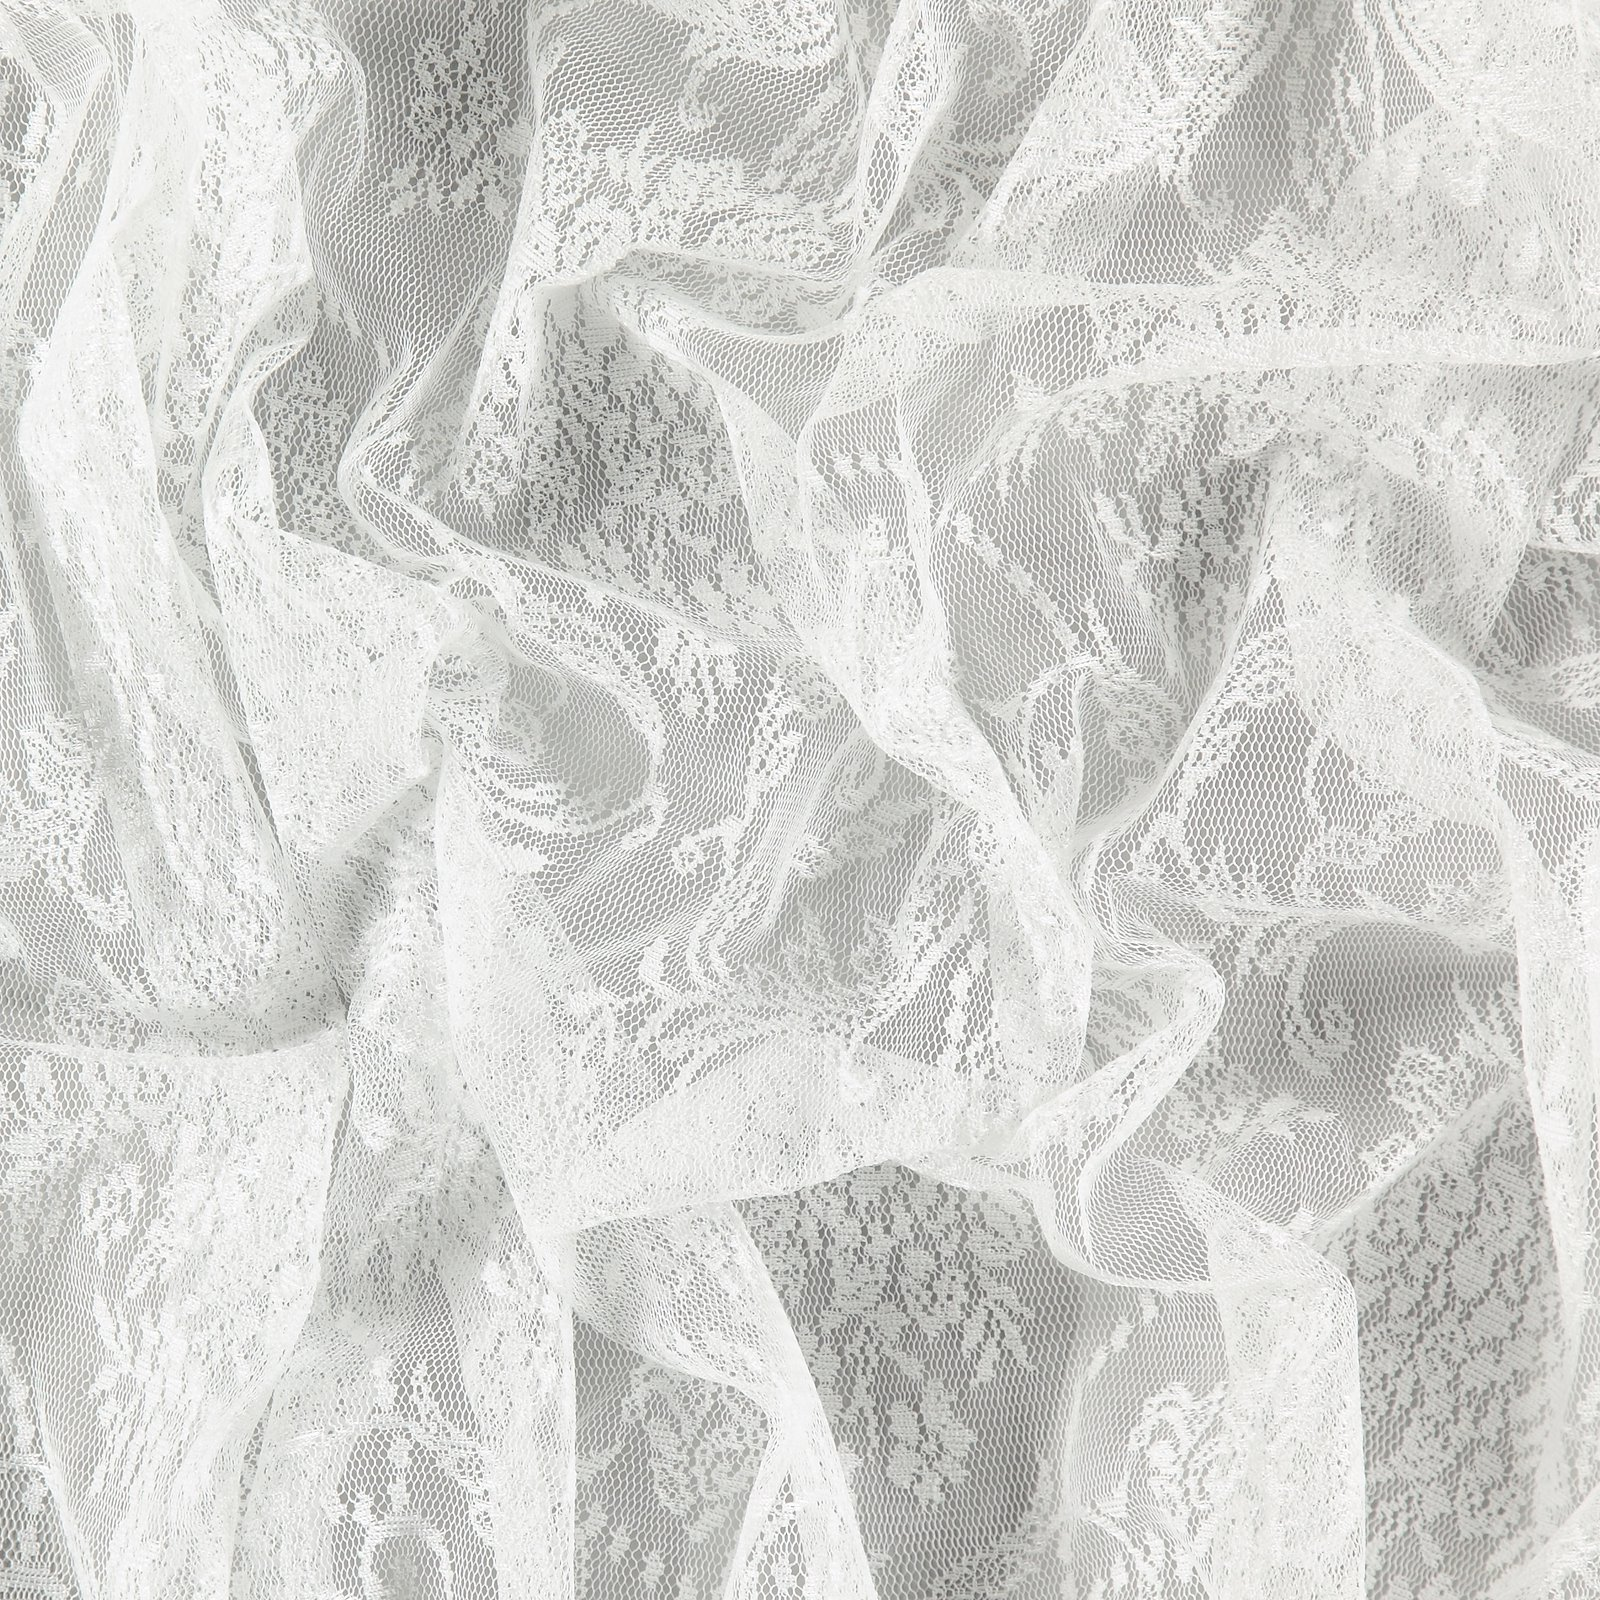 Spitze m/2-seitiger Muschelkante Weiß